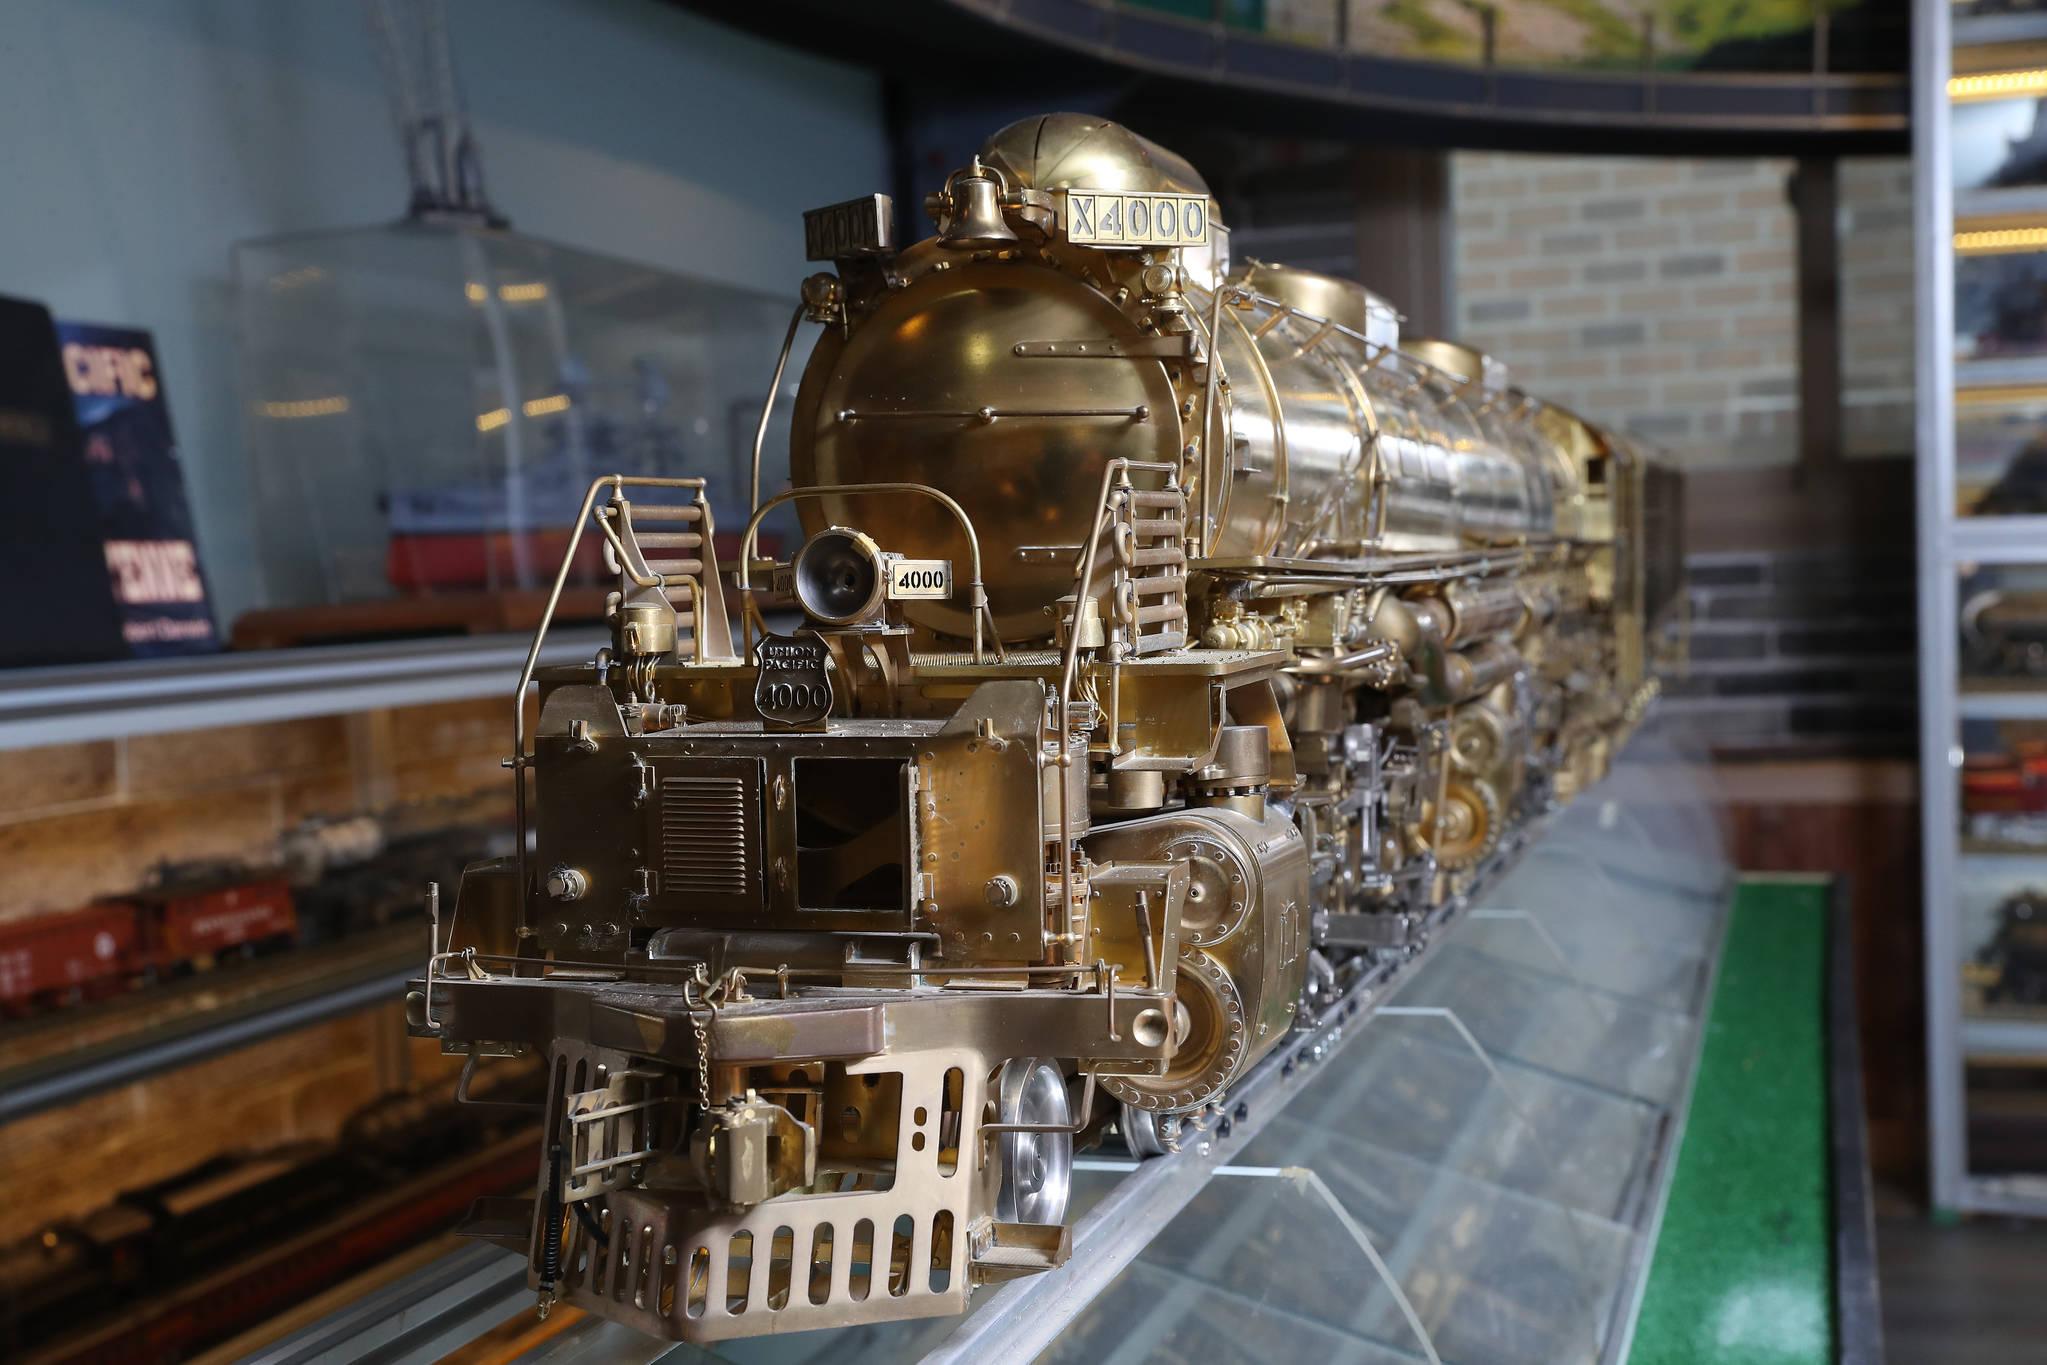 이현만씨가 5년에 걸쳐 제작한 '빅 보이'(Big Boy) 증기 기관차 모형. 1941년~ 1944년 사이에 제조되었고, 유니언 퍼시픽 철도(Union Pacific Railroad)에서 1959년까지 운행한 미국의 석탄 발연 증기 기관차다. 우상조 기자